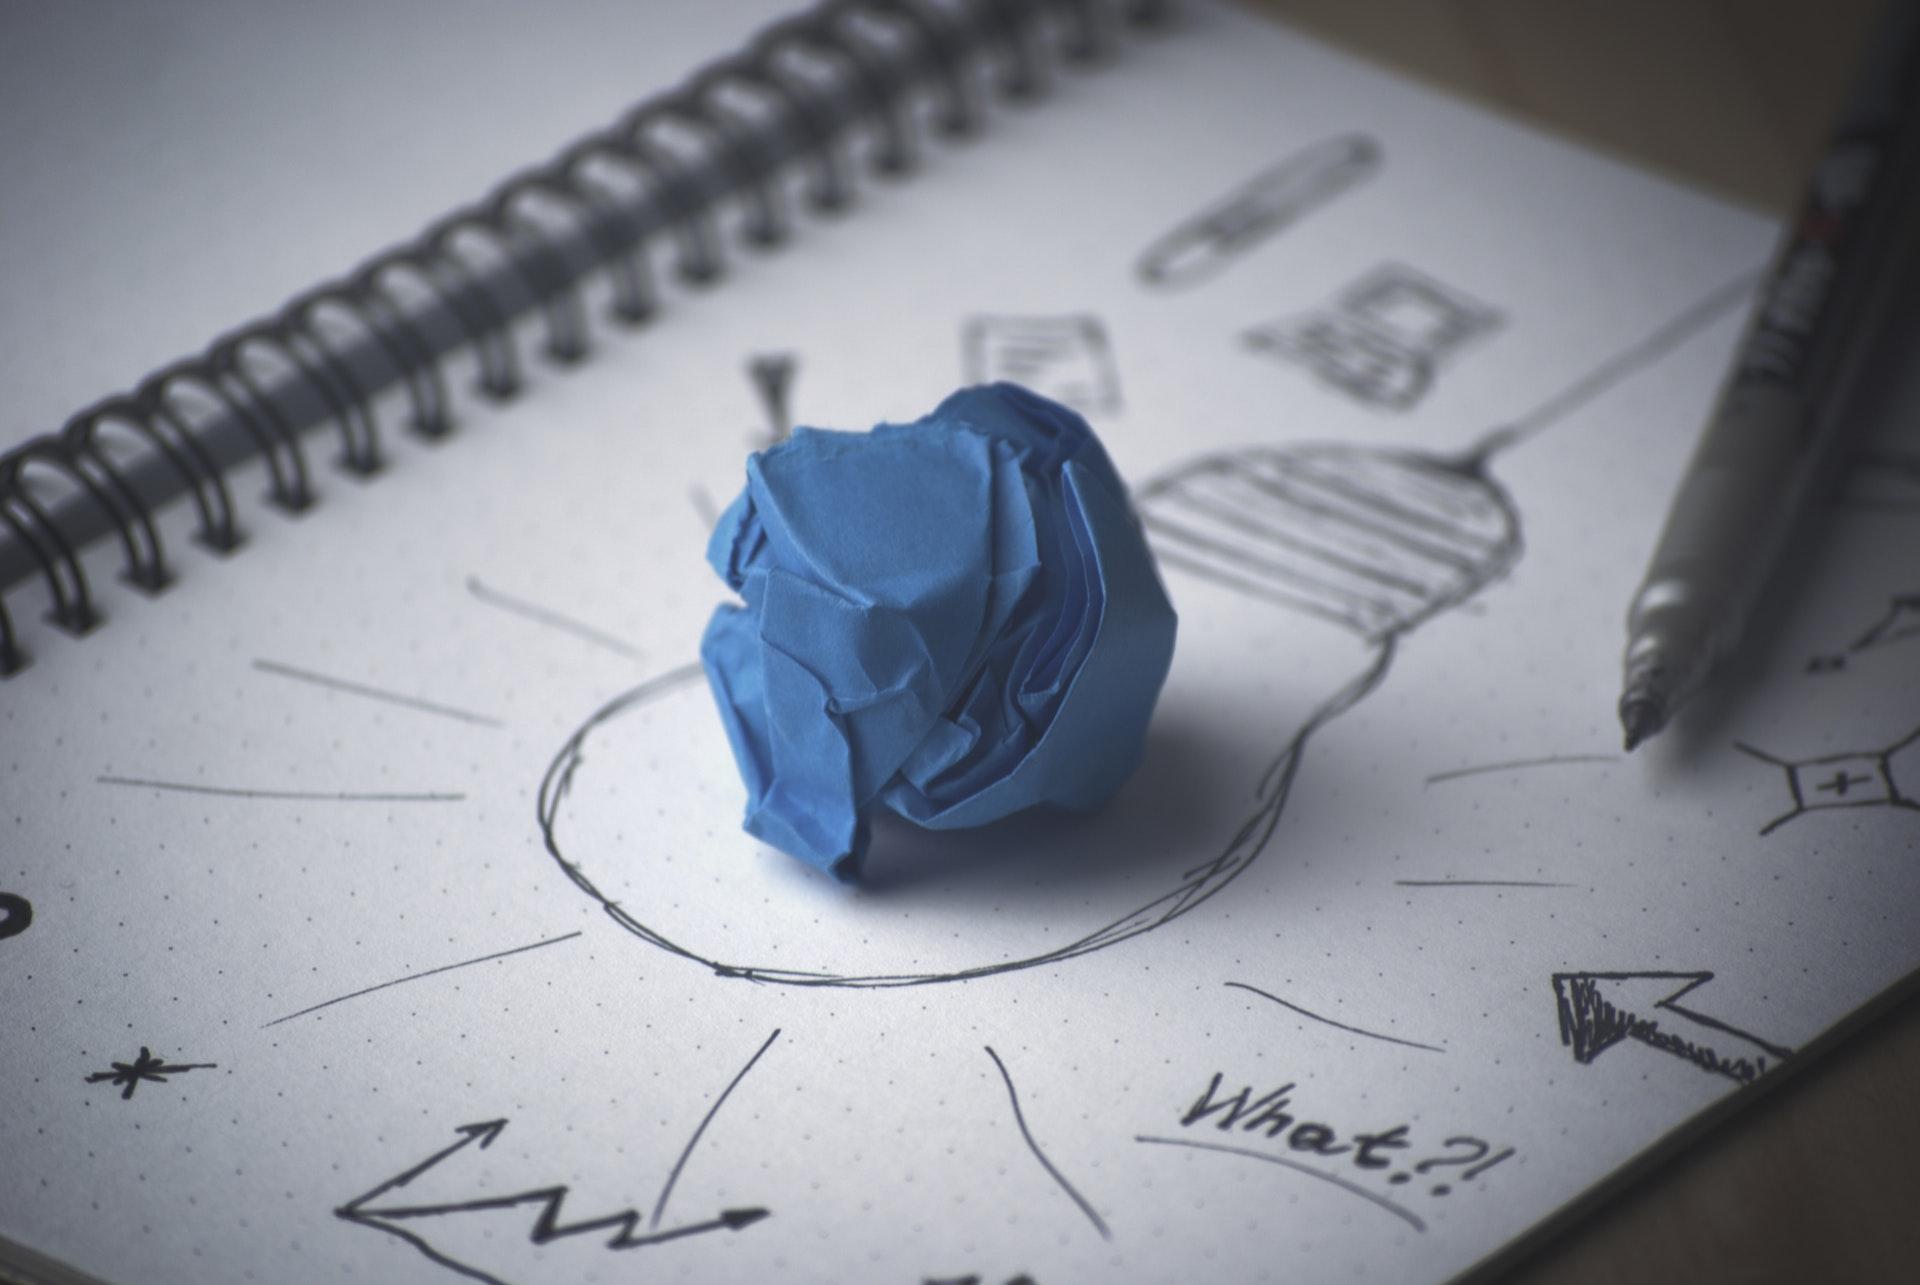 イノベーションへの解|破壊的イノベーションの解釈はアイデア発想のハードルを少しだけ下げてくれる